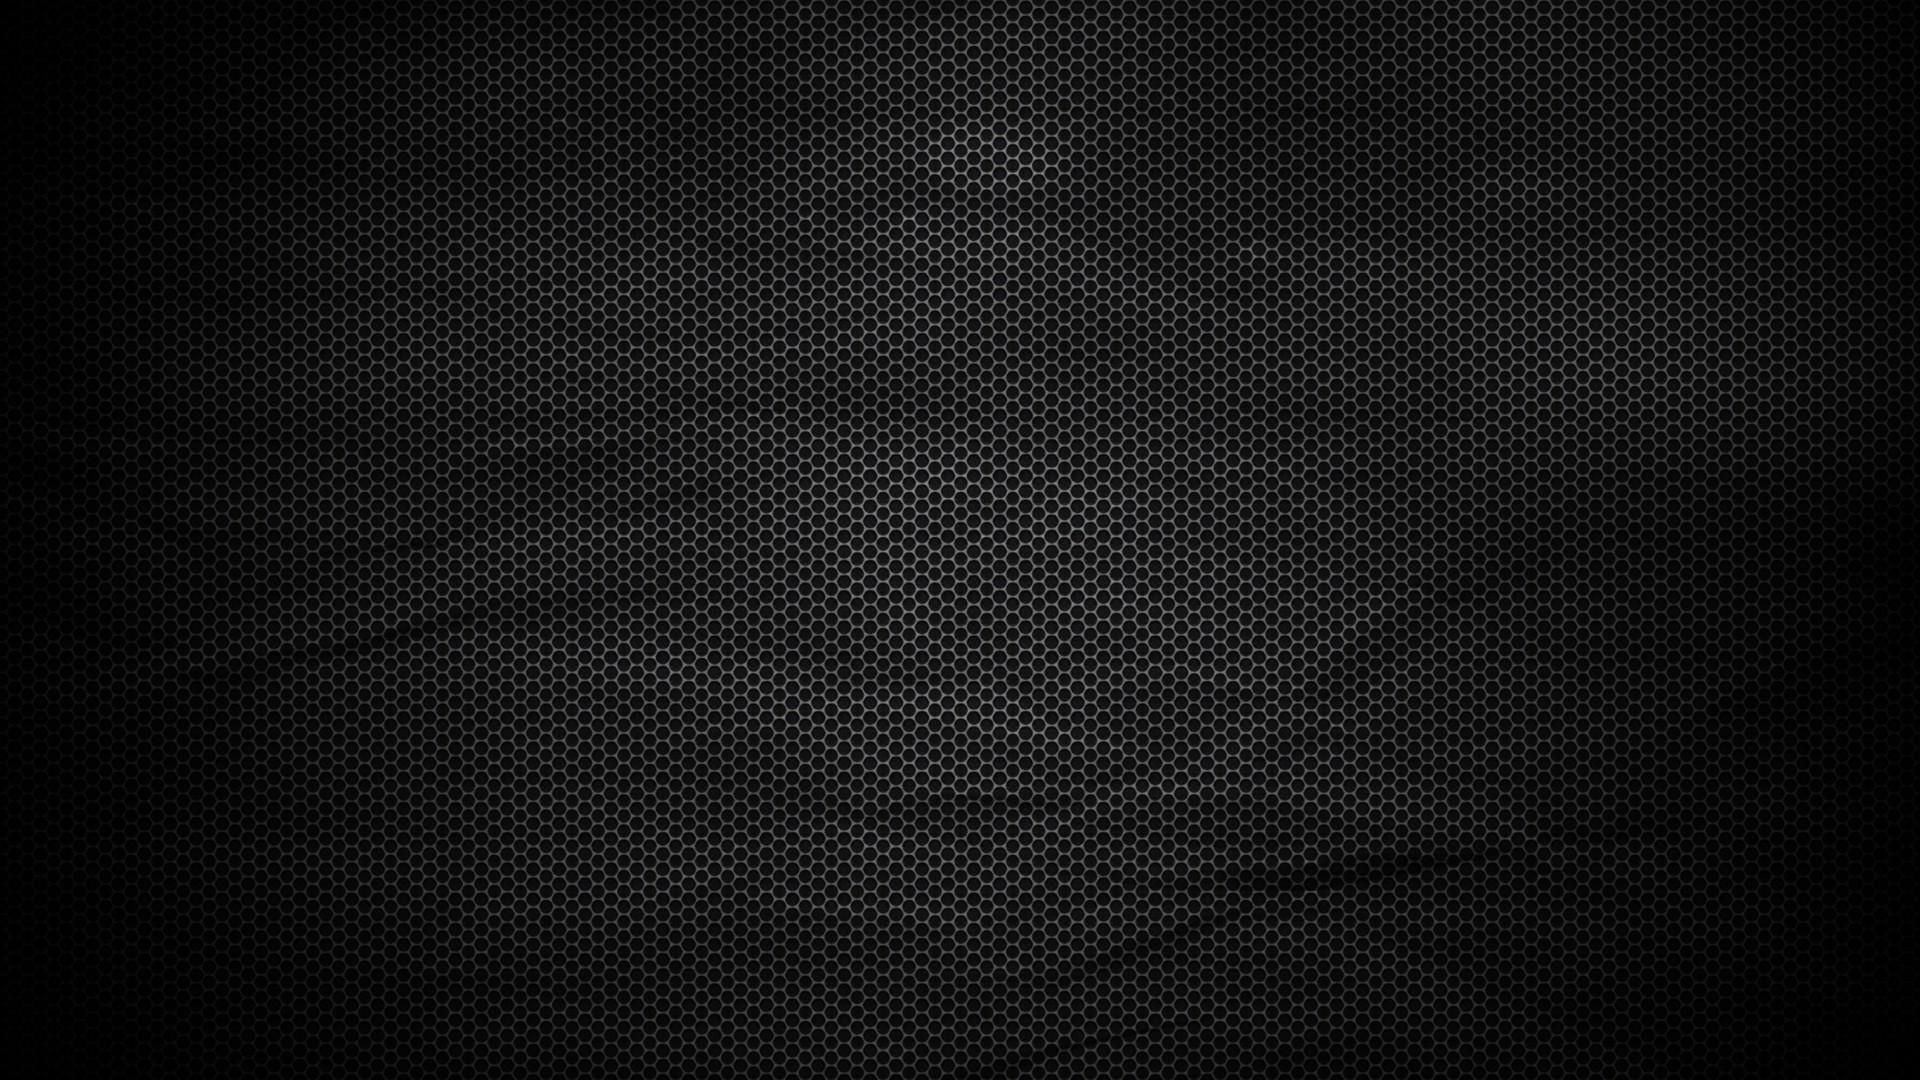 Black Background Metal HD desktop wallpaper Widescreen High